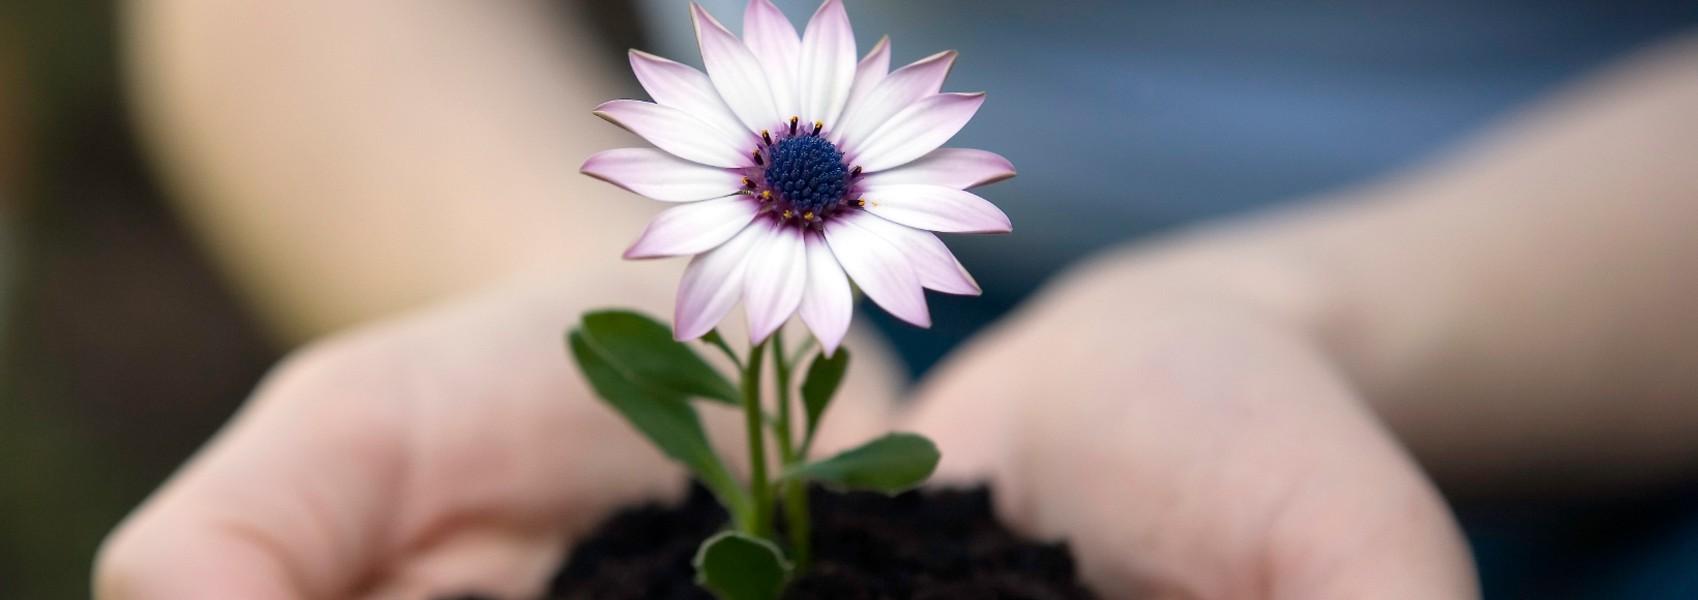 banner-flower